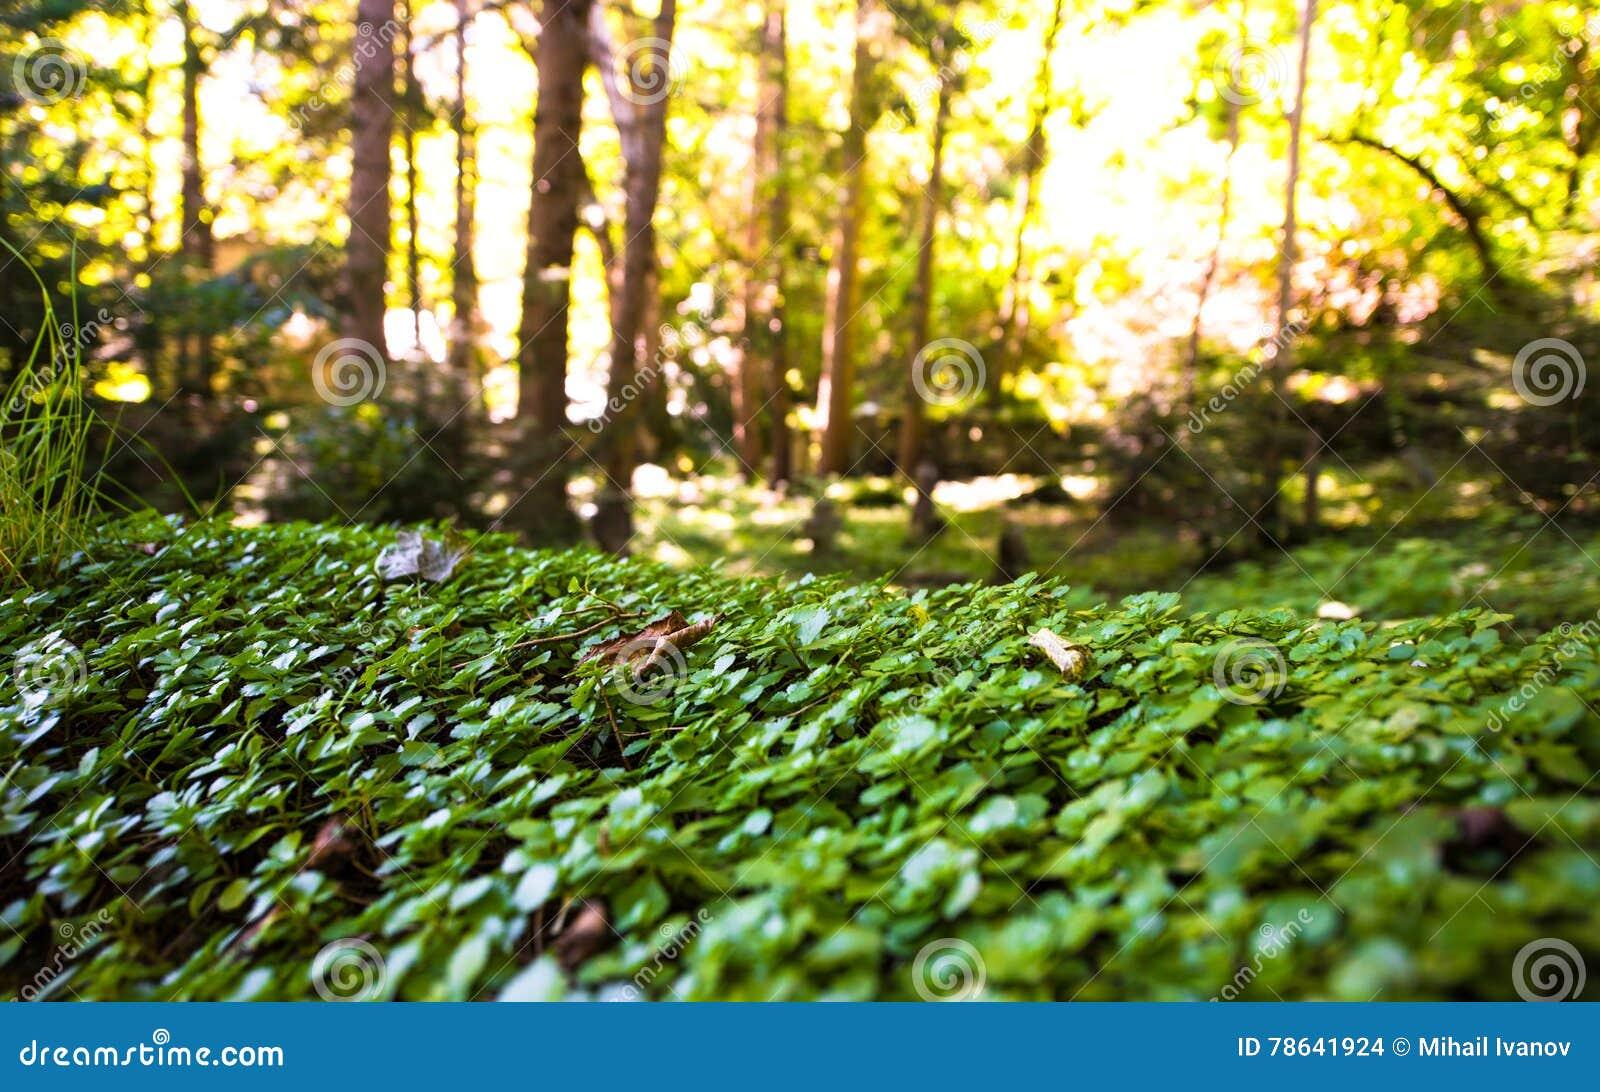 Forêt enchantée mystique